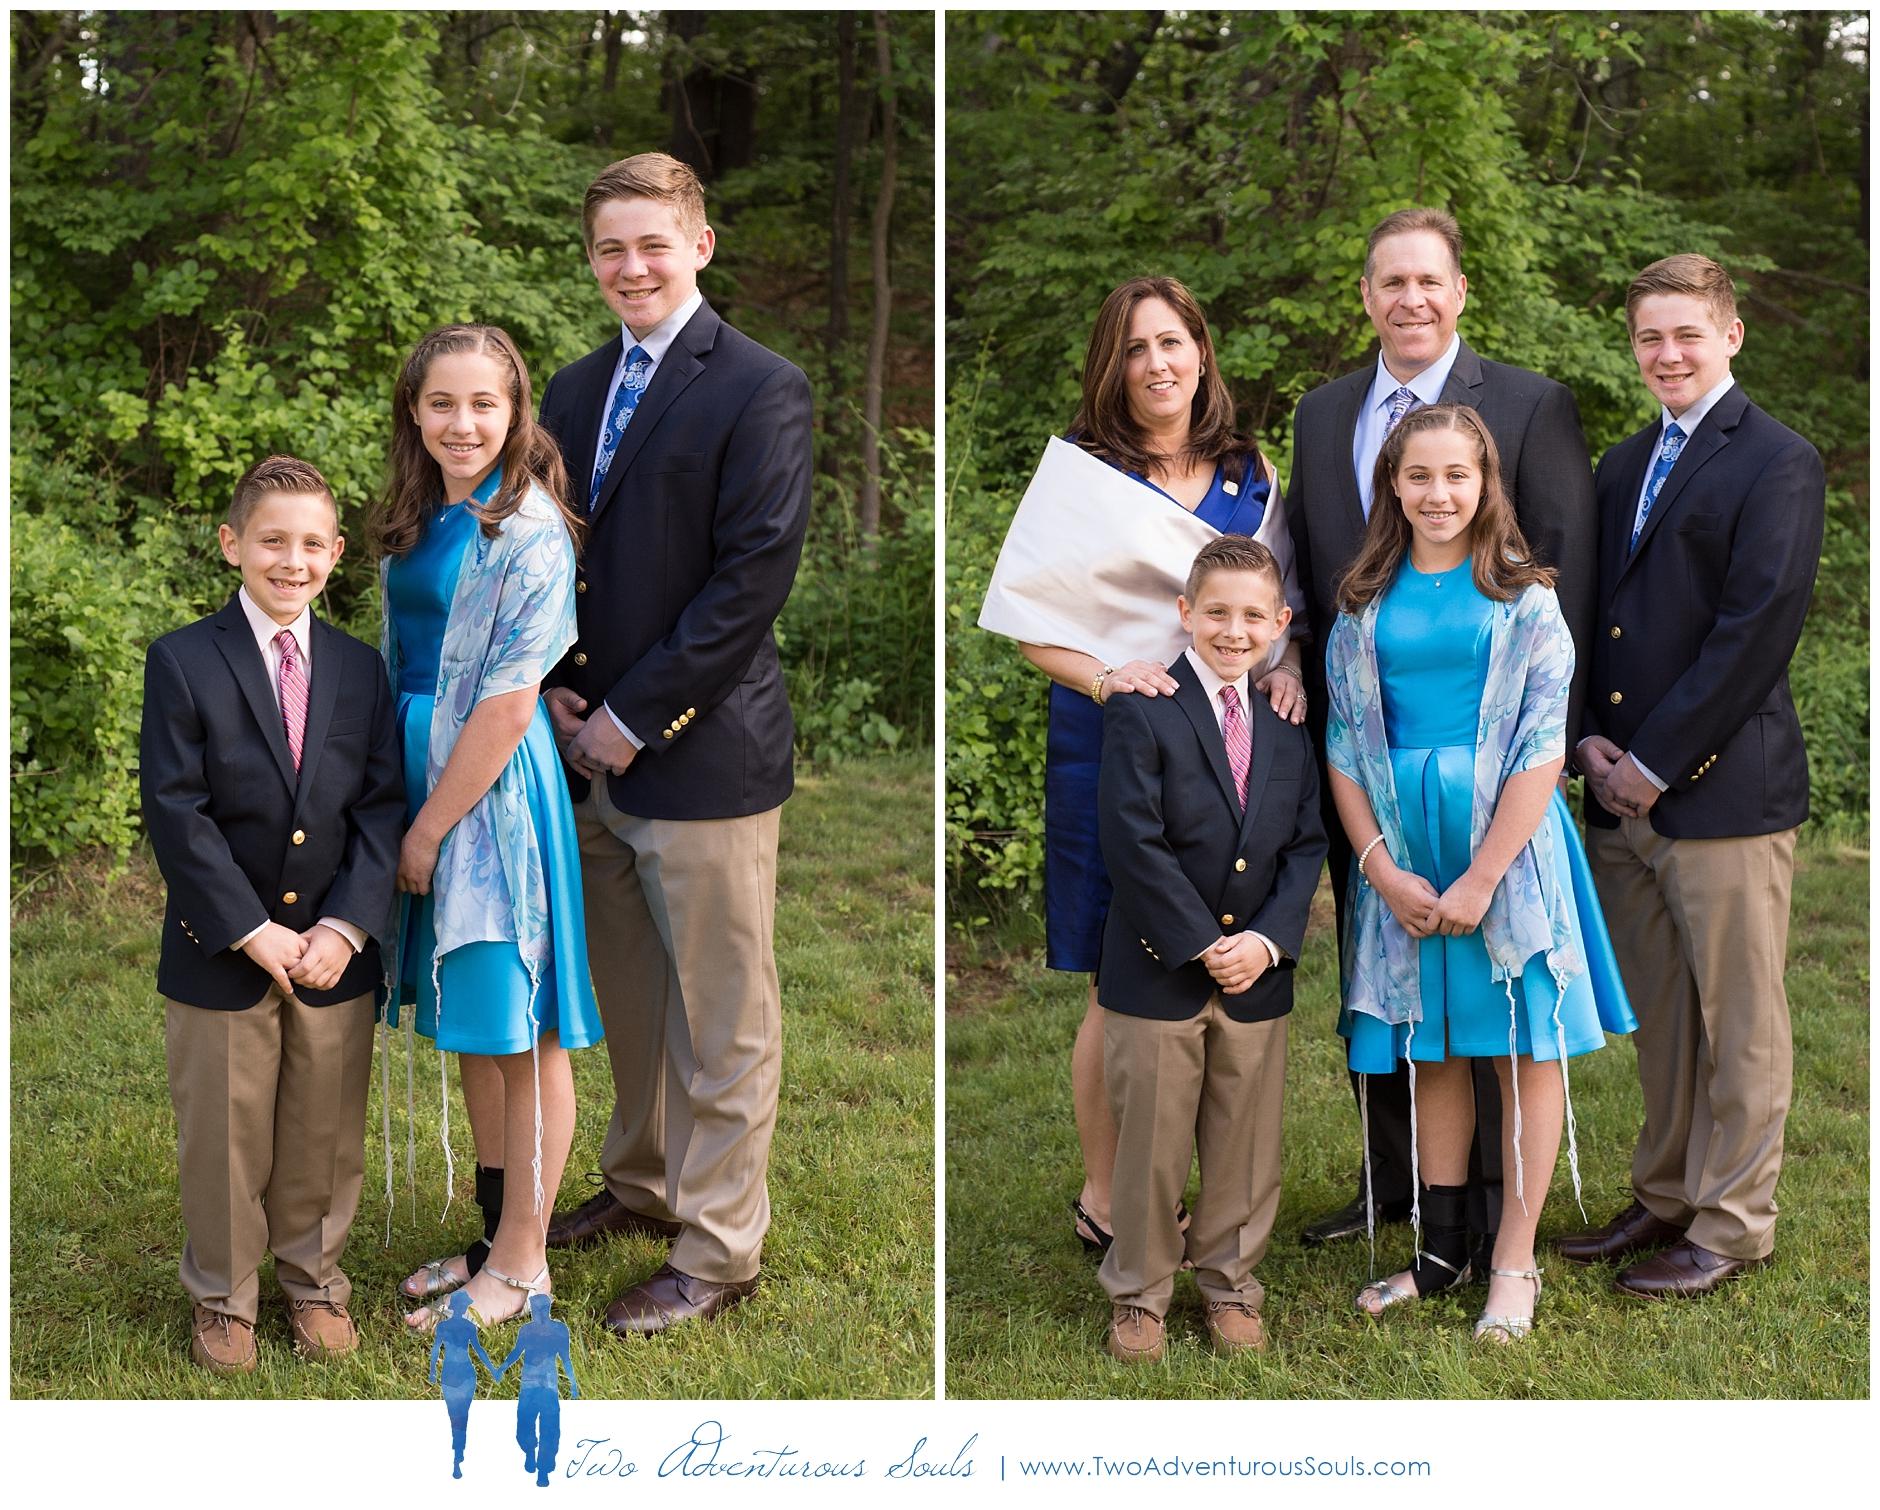 New Hampshire Bat Mitzvah Photography, Bar Mitzvah Photography -